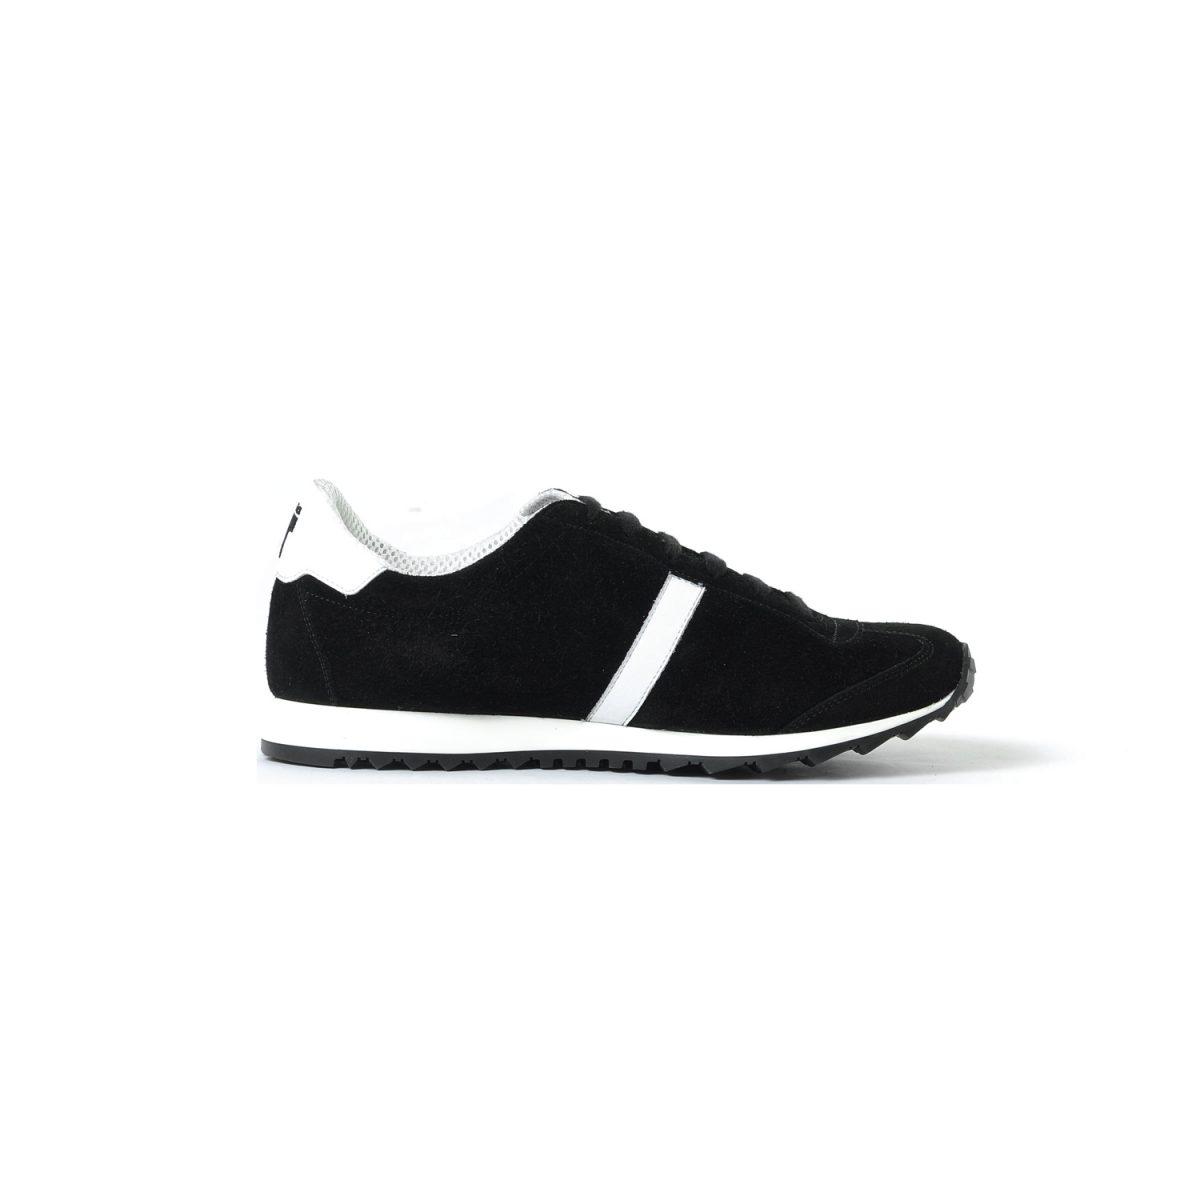 Tisza shoes - Martfű - Black-white